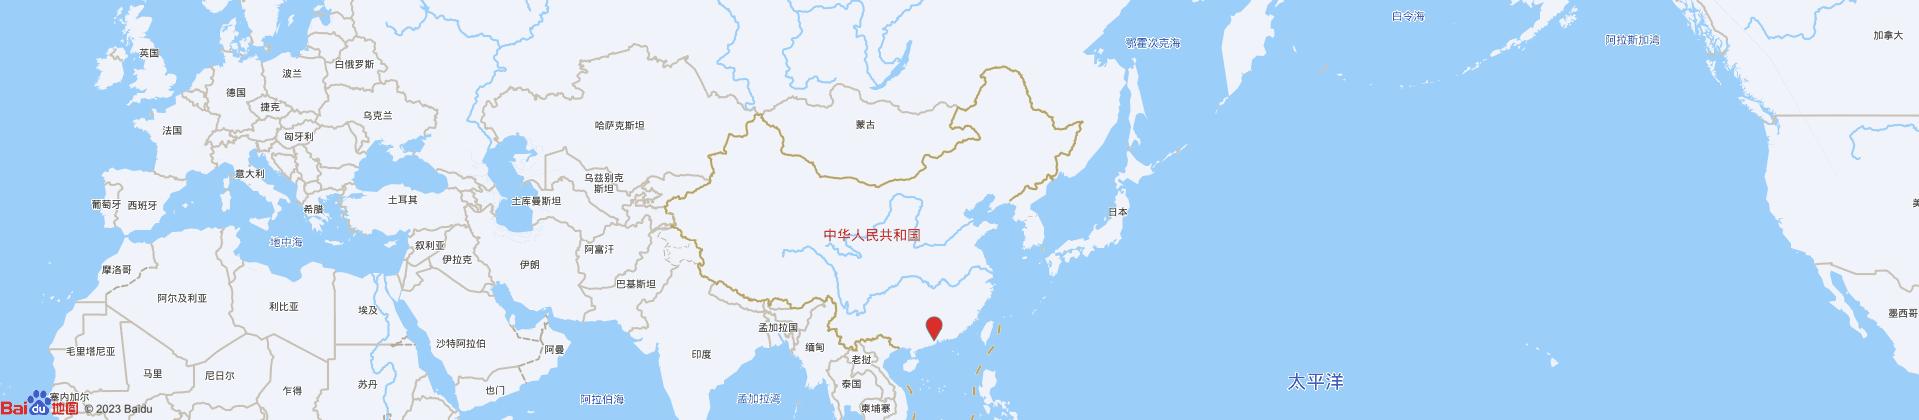 天津鼎森管业有限公司